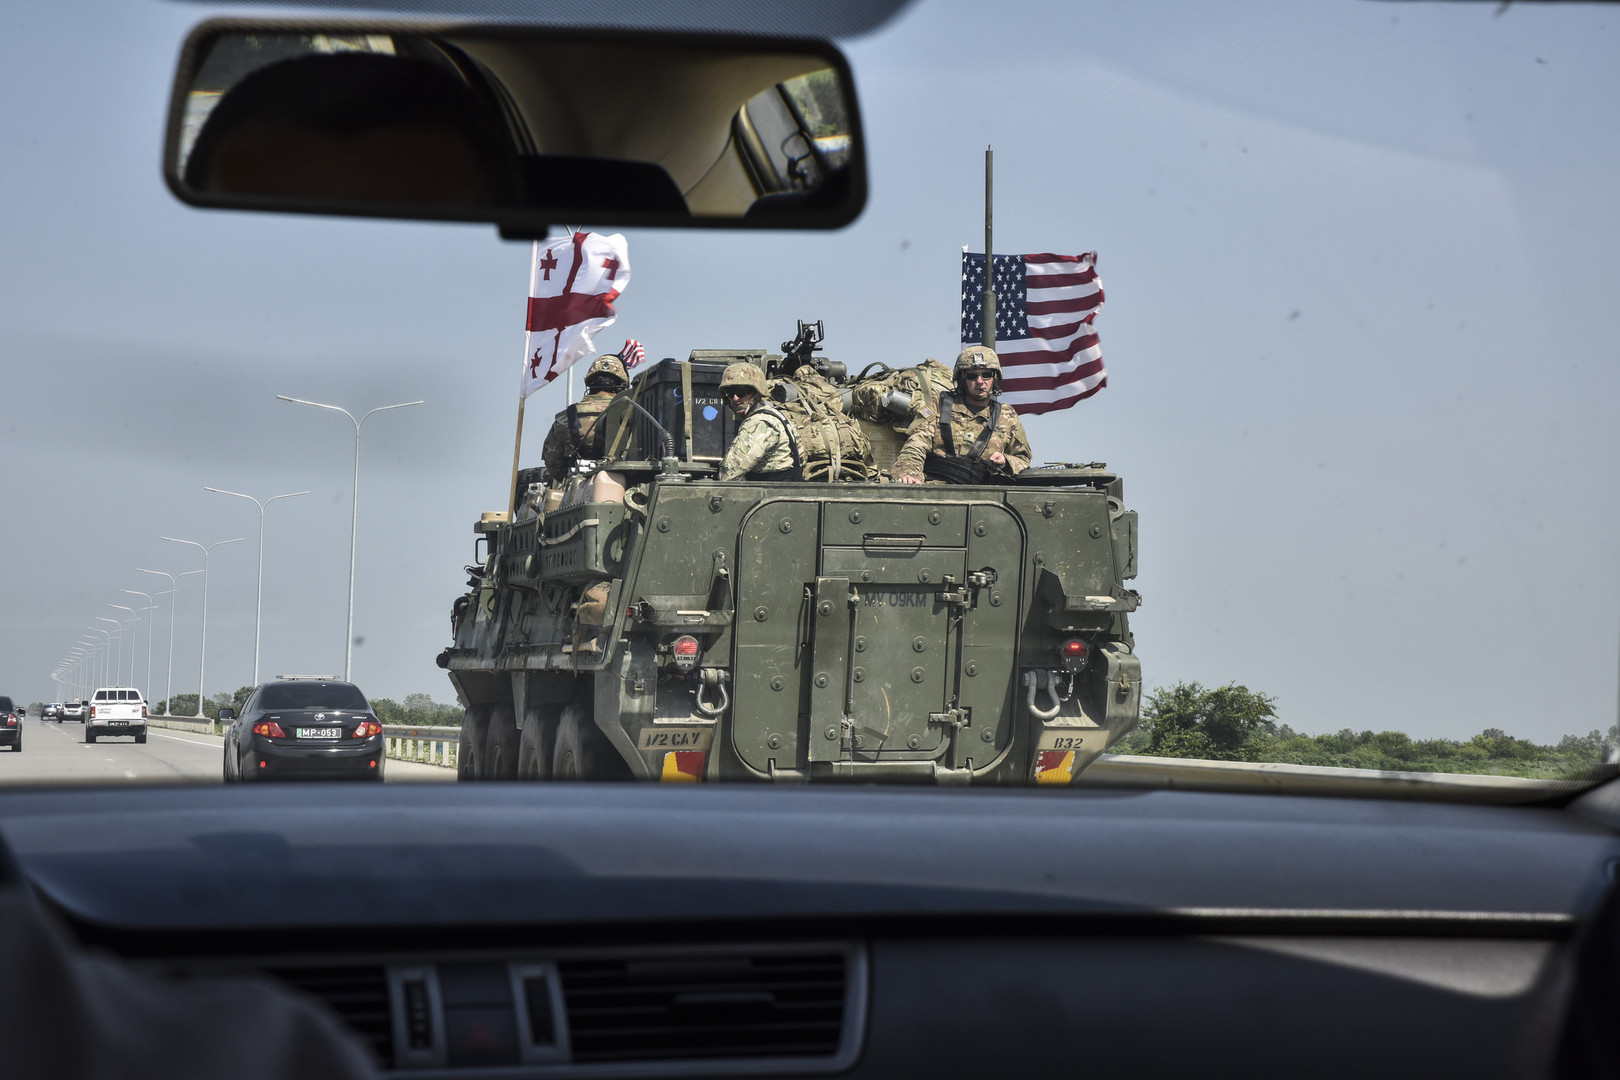 NATO im Kaukasus: US-Panzer und Bundeswehrsoldaten auf dem Weg nach Georgien